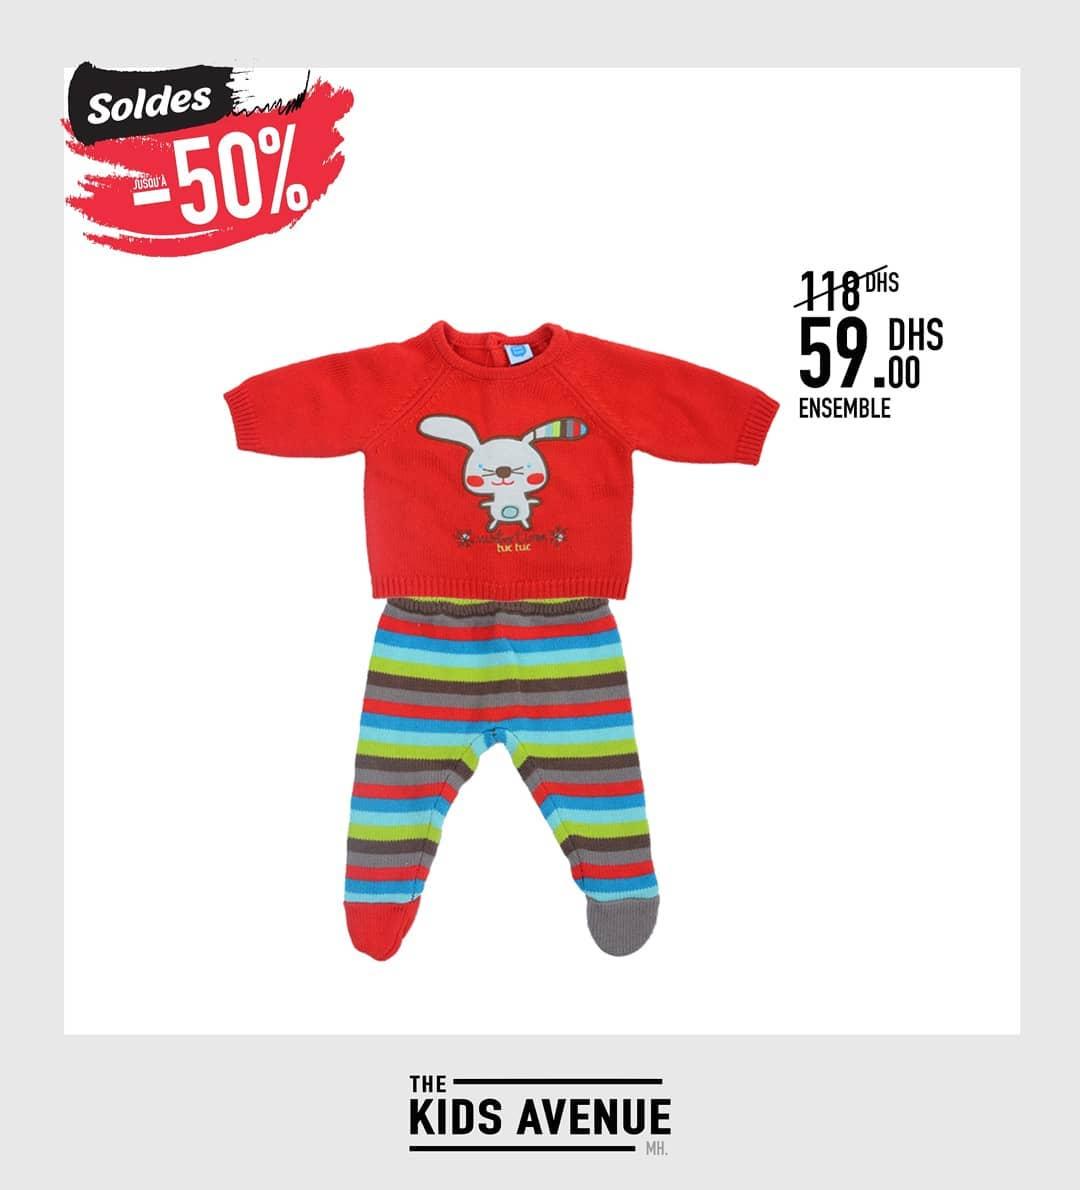 Soldes -50% chez Kids Avenue Ensemble bébé 59Dhs au lieu de 118Dhs